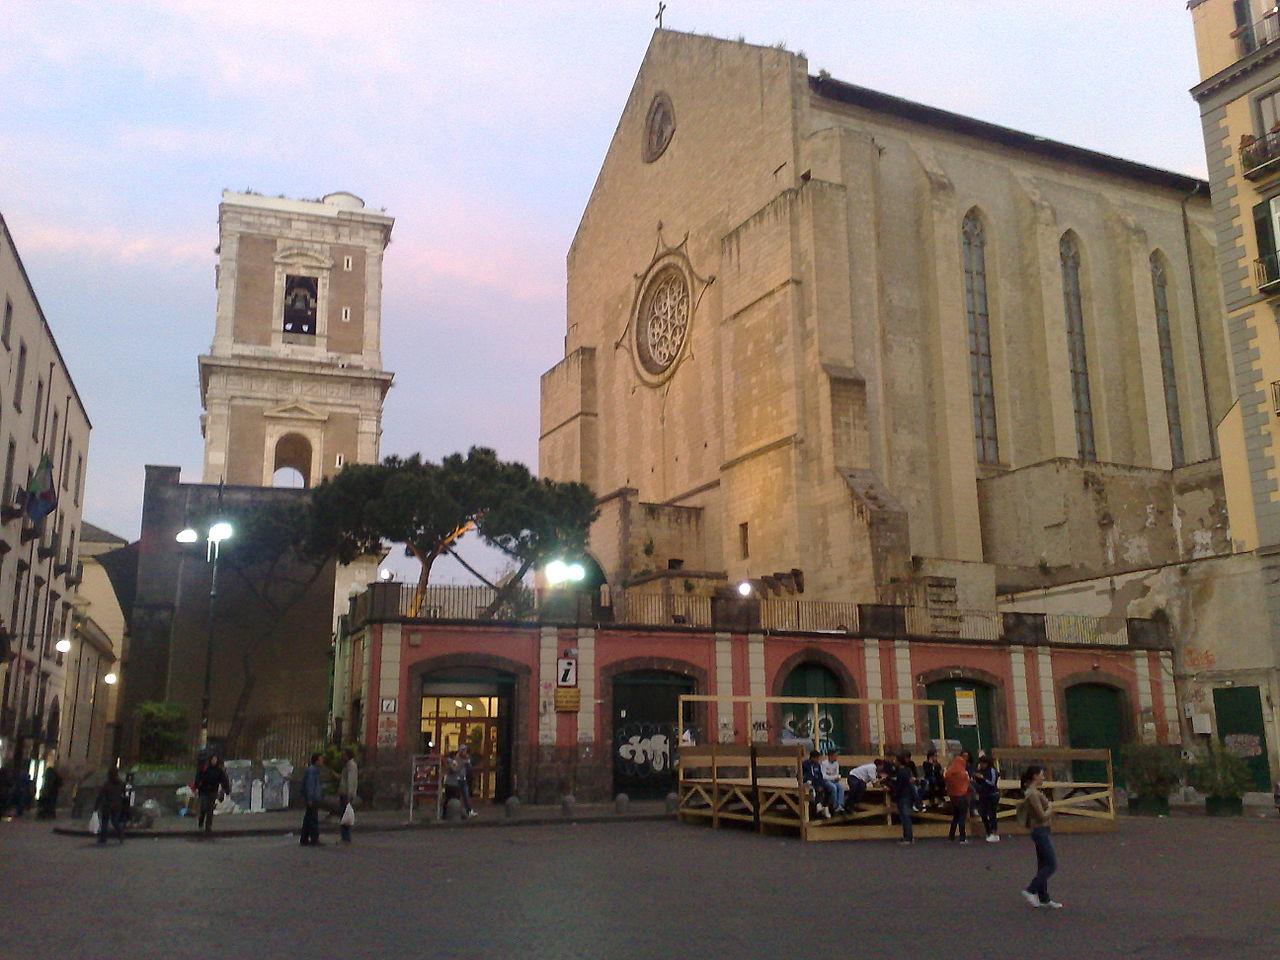 Санта-Кьяра, религиозный комплекс в Неаполе